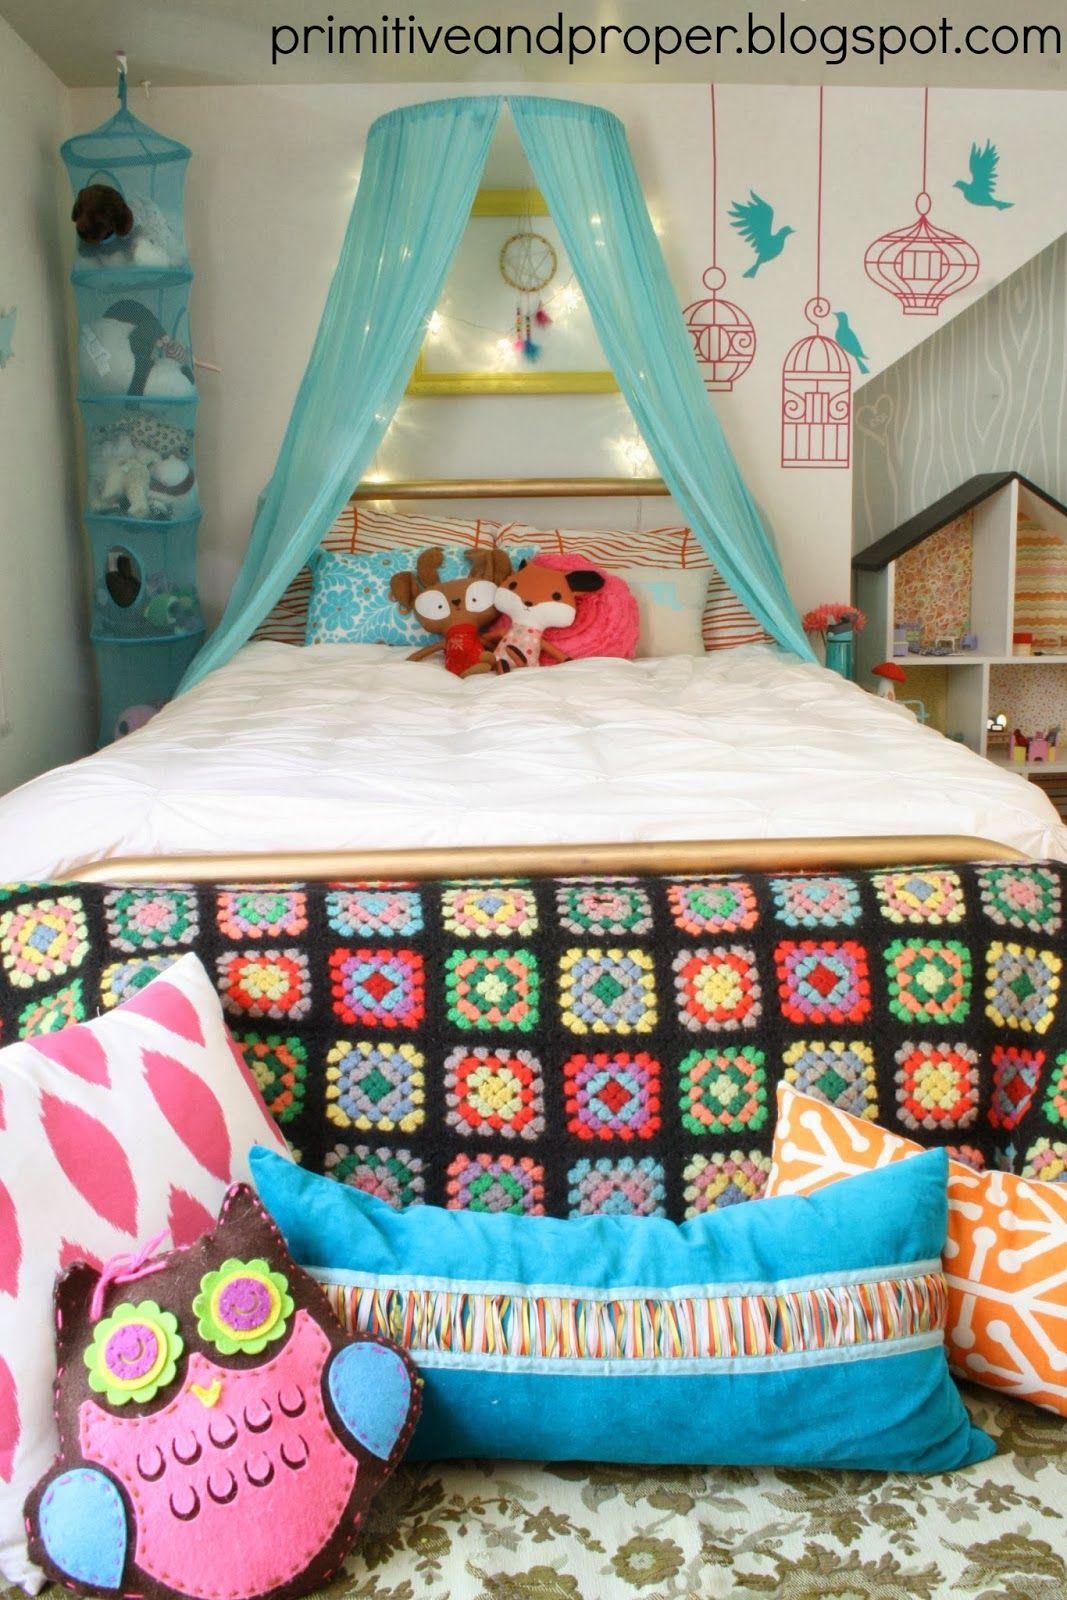 Girly vintage zimmer dekor primitive u proper eclectic vintage girlus room  buttercup  pinterest